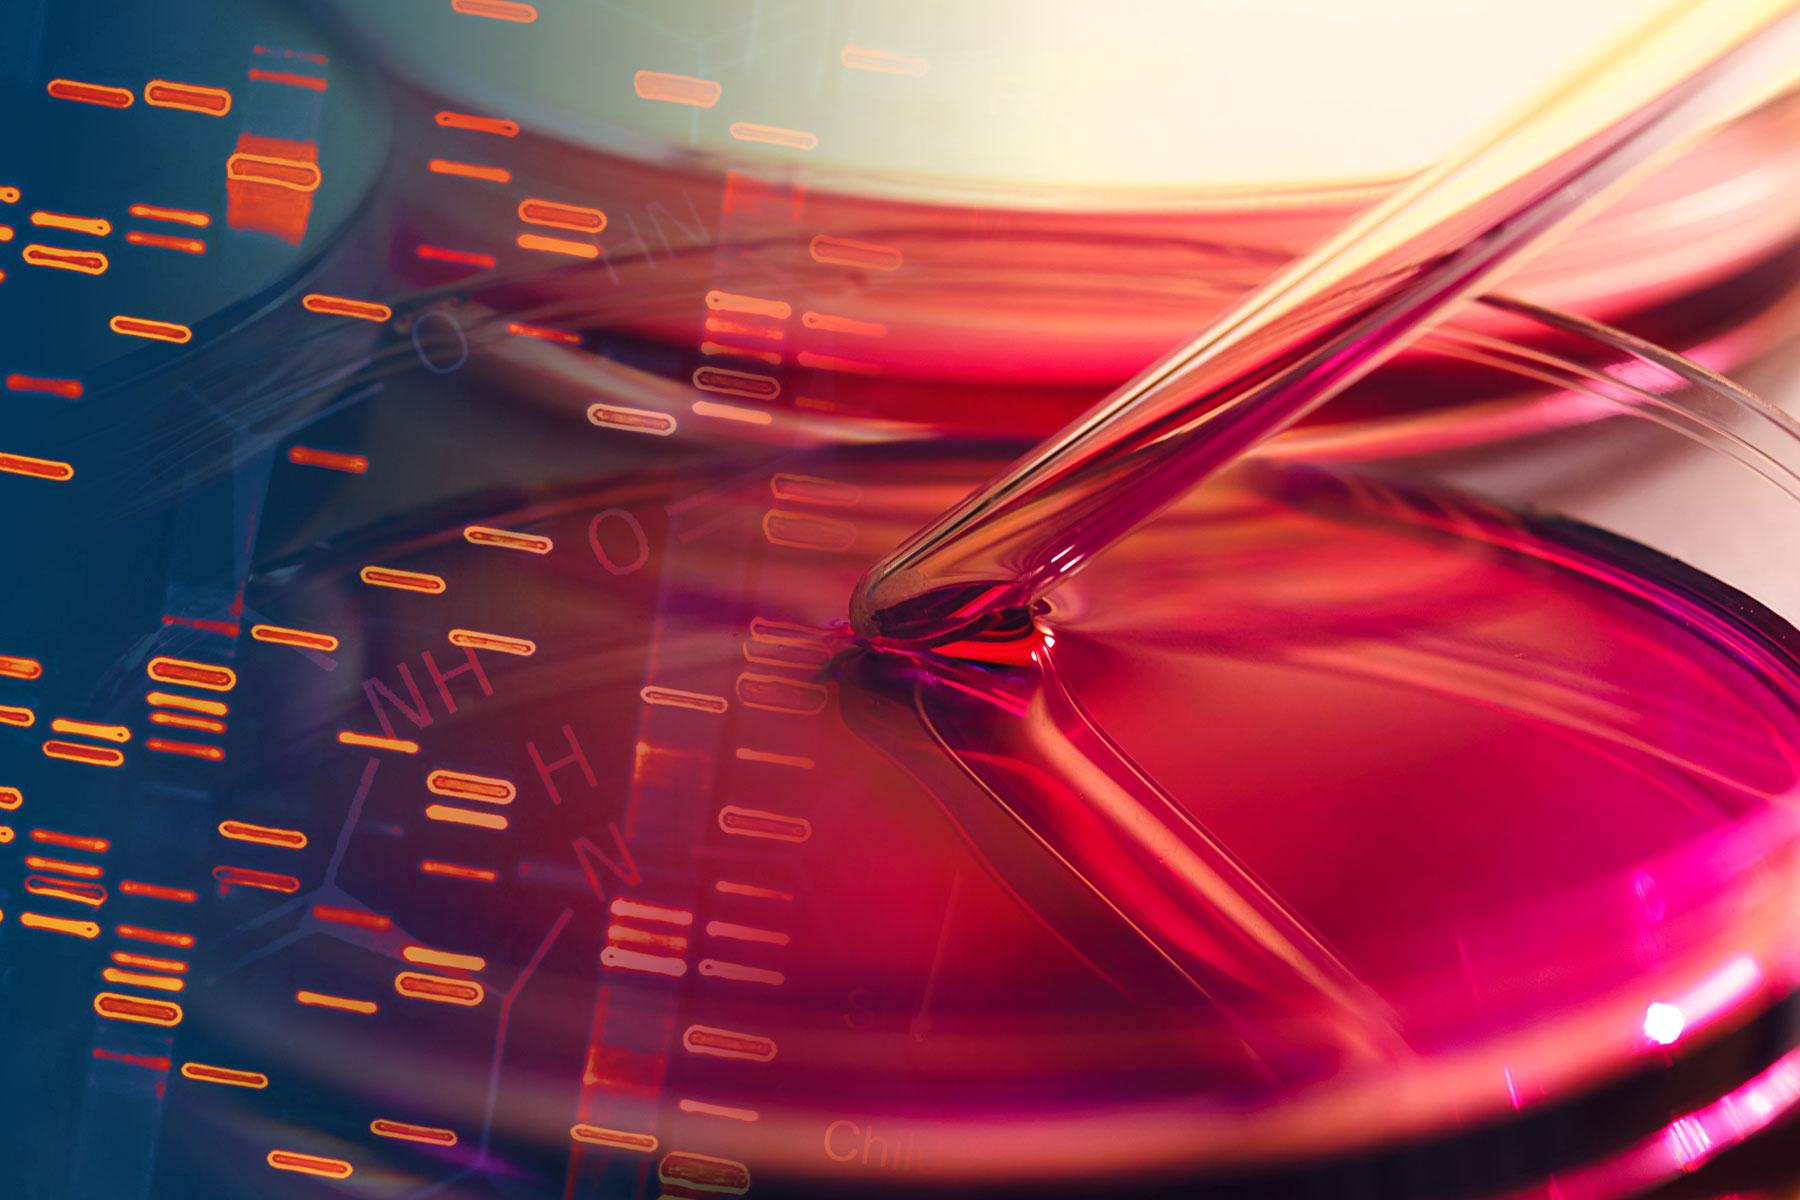 Diagnosing cancer earlier: telomere warning signs